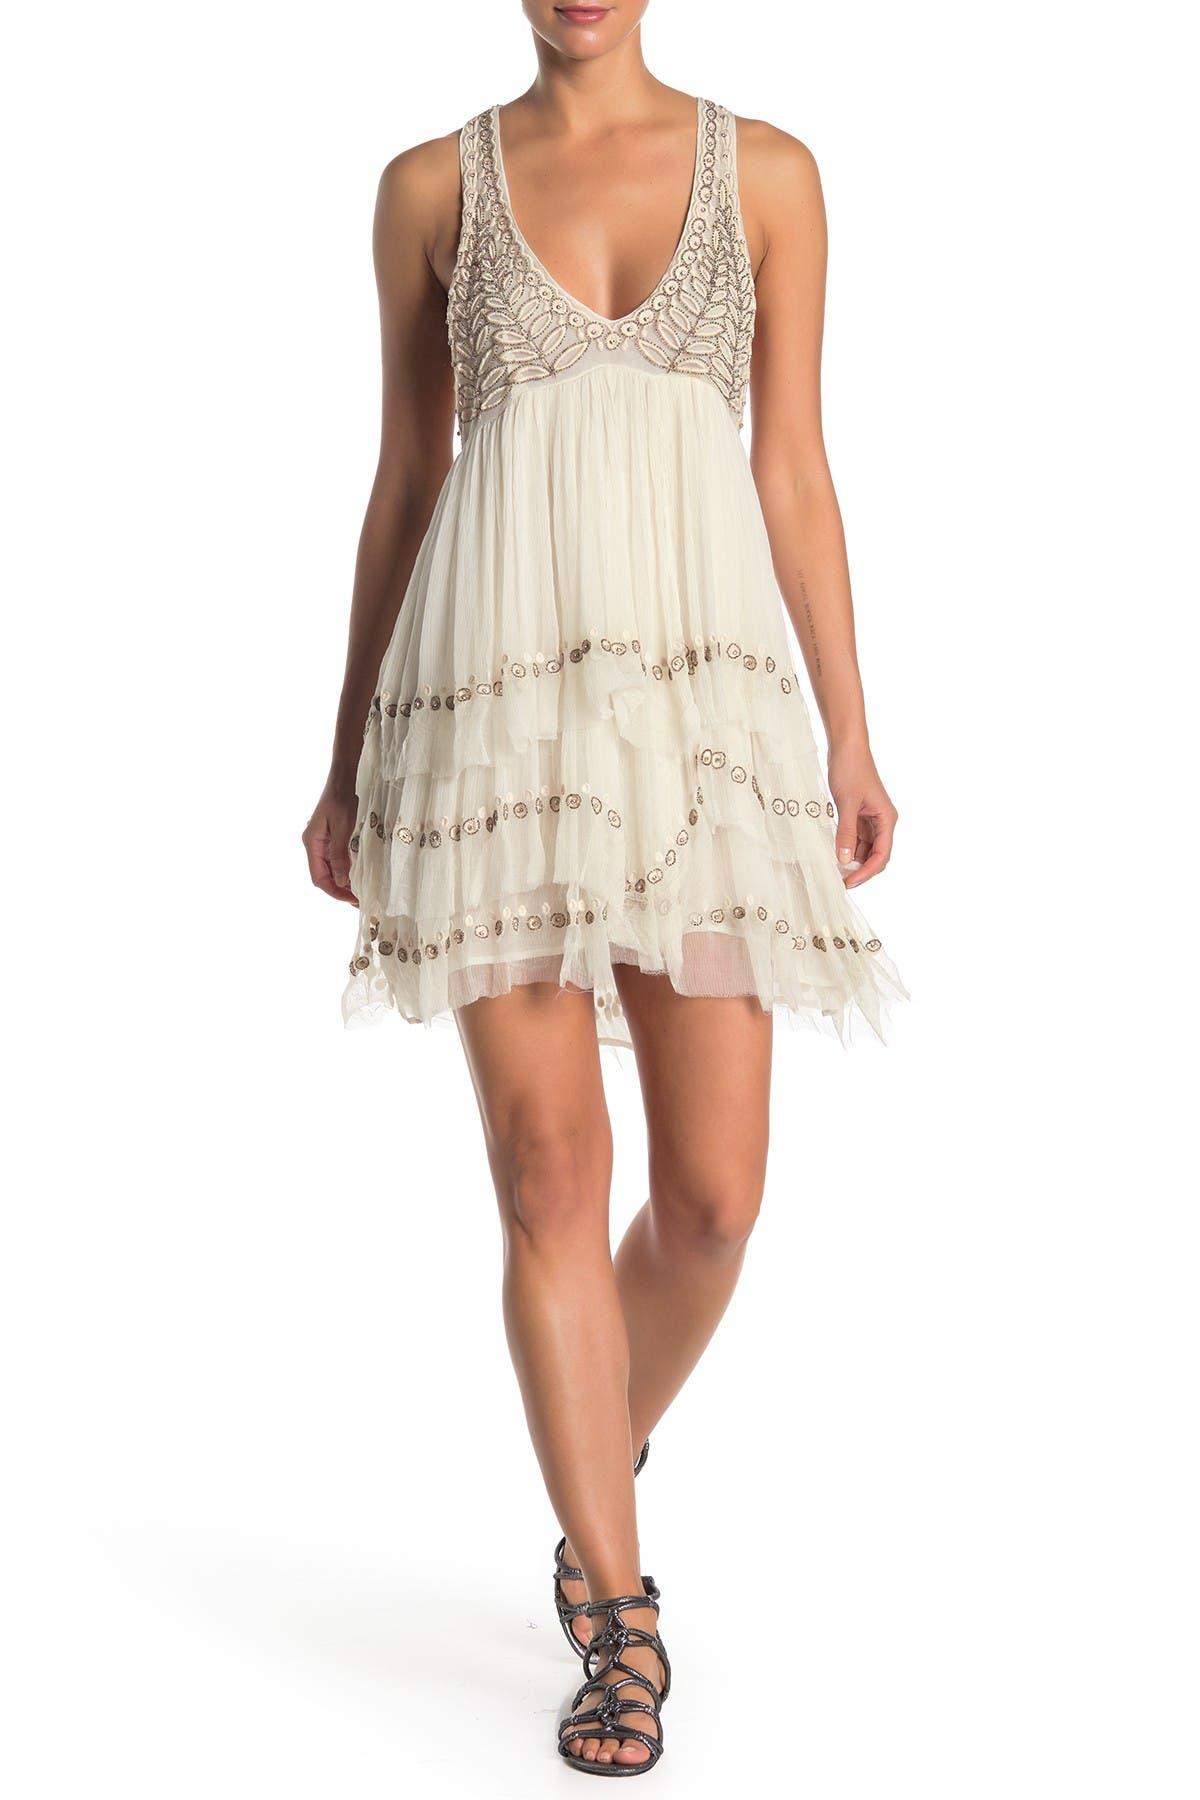 Image of Free People Twilight Beaded Mini Dress